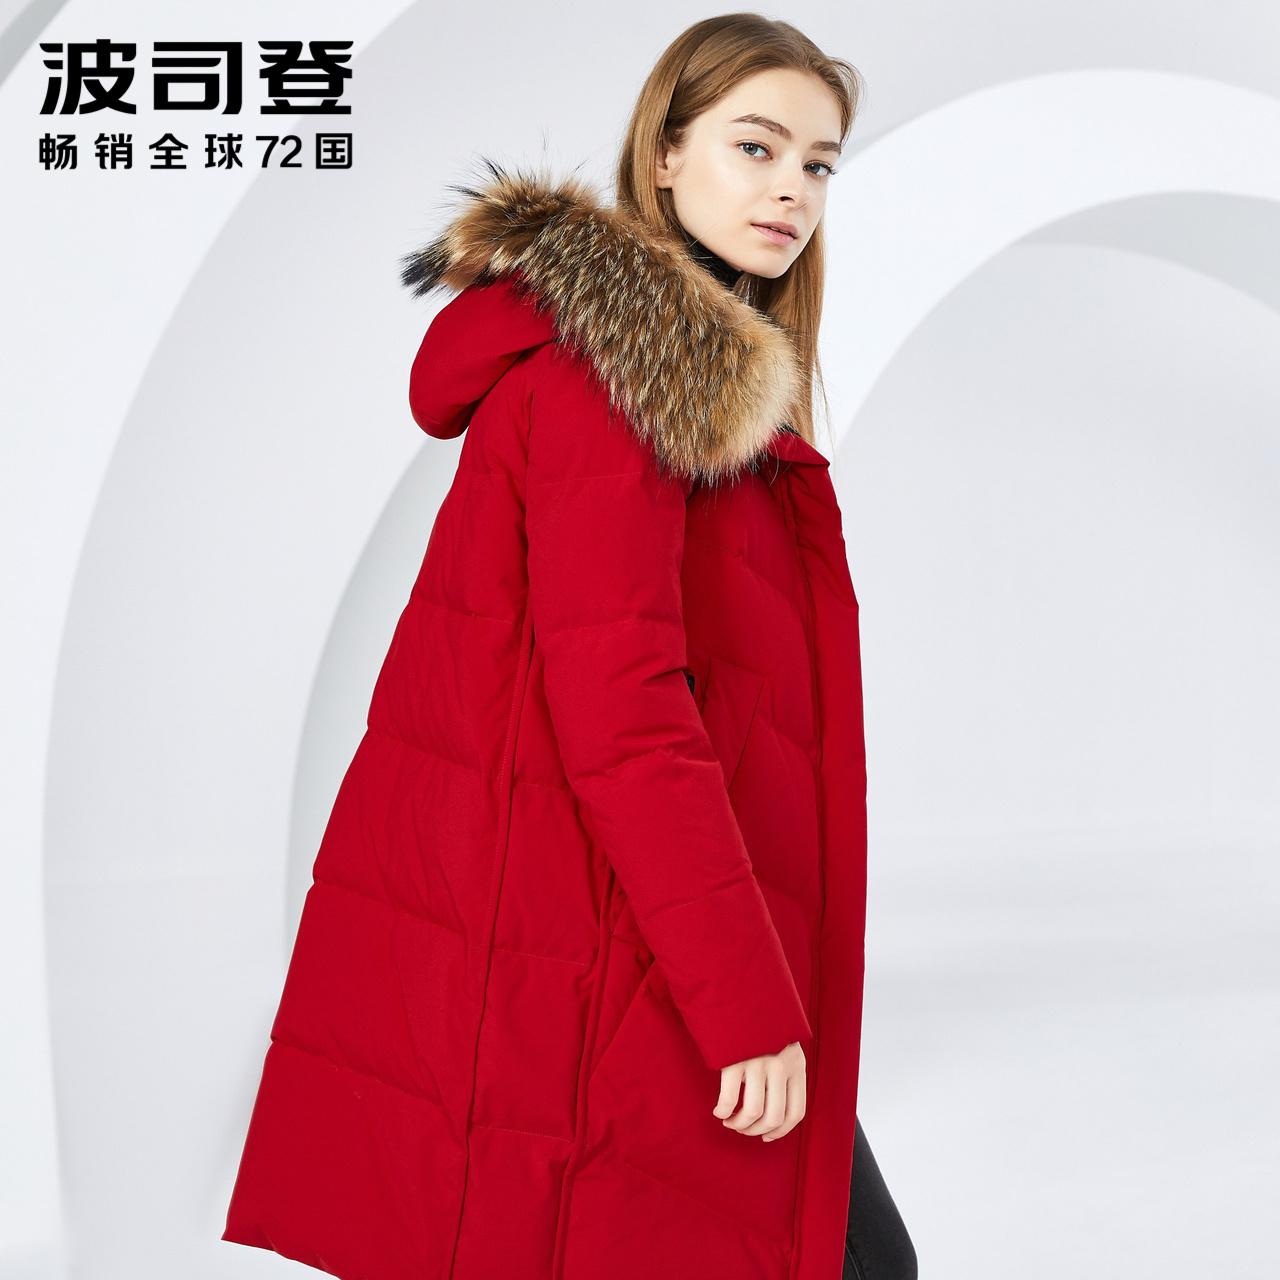 波司登红色羽绒服女中长款2018新款潮加厚防寒冬季外套B80141038